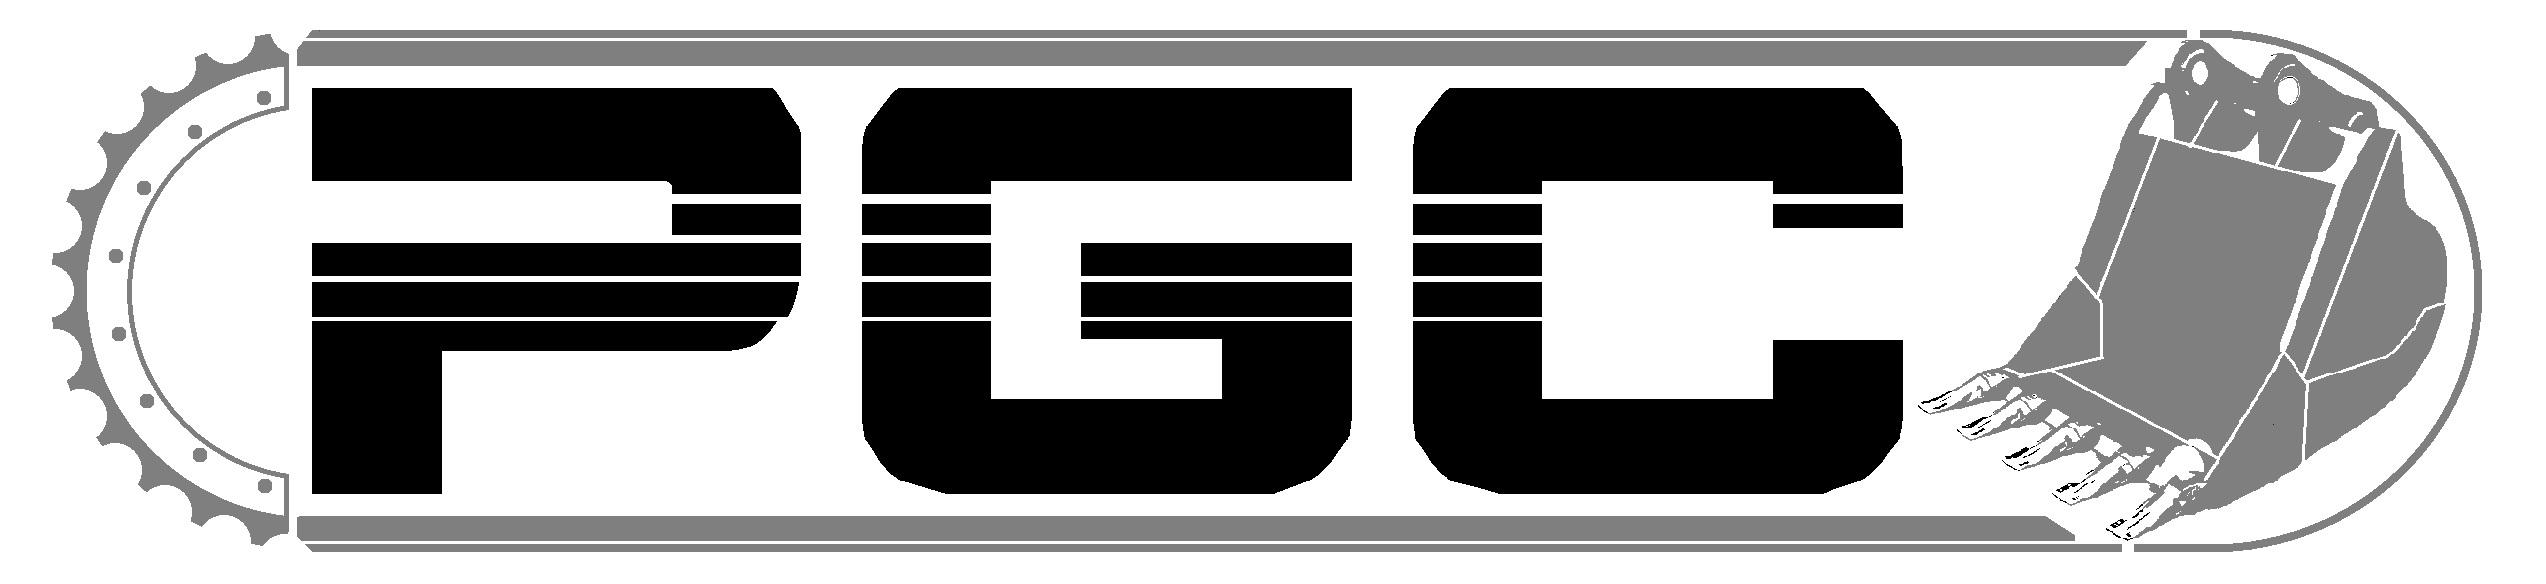 PGC – podwozia gąsienicowe